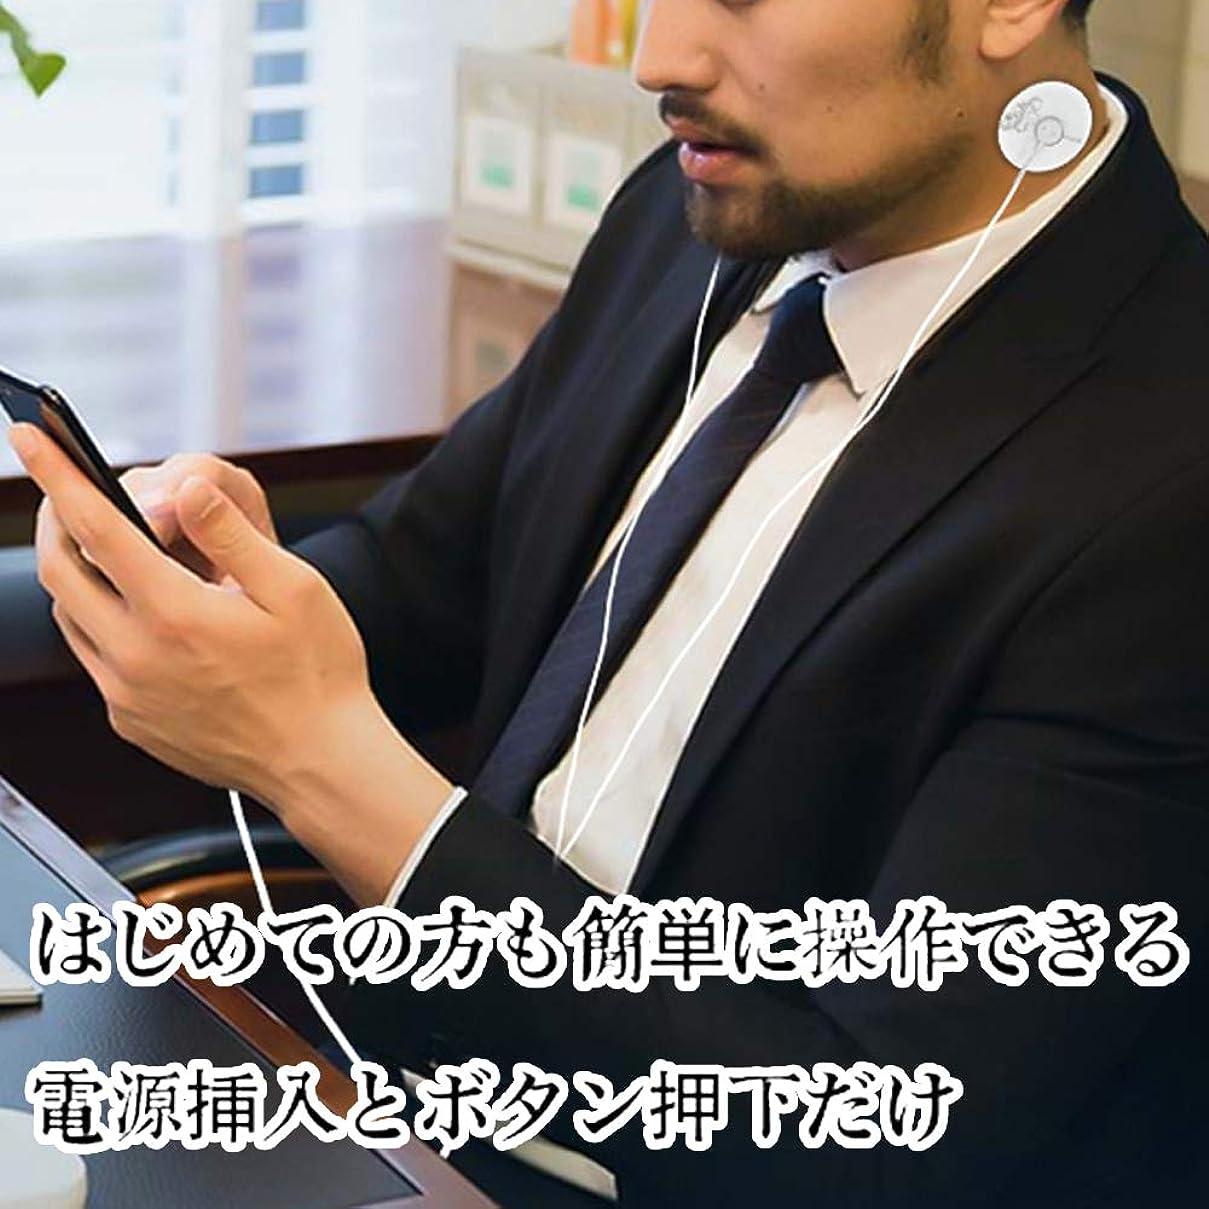 民間人法的摂動EMS低周波治療器 マッサージ機 肩こり 疲労 肩の痛み ストレス解消 痛み緩和 6種類のマッサージモード 8段階調節 リラックス 血行促進 神経痛 健康家電 専用粘着パッド付属 電気式 小型 マッサージ器 肩 腰 ふくらはぎ 日本語取扱書